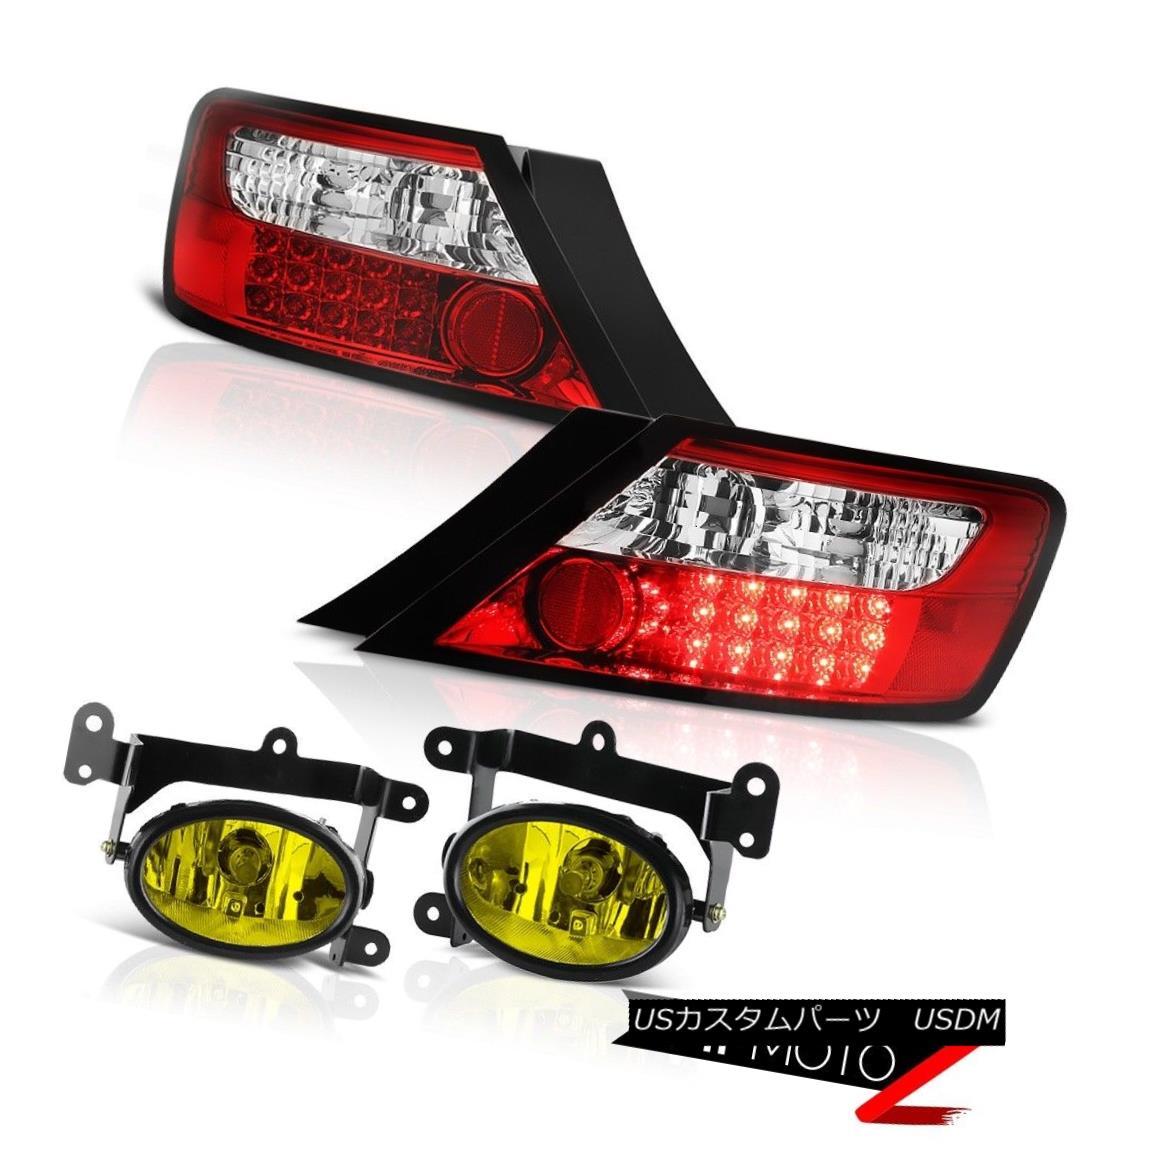 テールライト 2006-2008 Honda Civic 2DR Coupe Mugen Style Red LED Tail Lights Yellow Foglights 2006 - 2008年ホンダシビック2DRクーペMugenスタイルレッドLEDテールライトイエローフォグライト